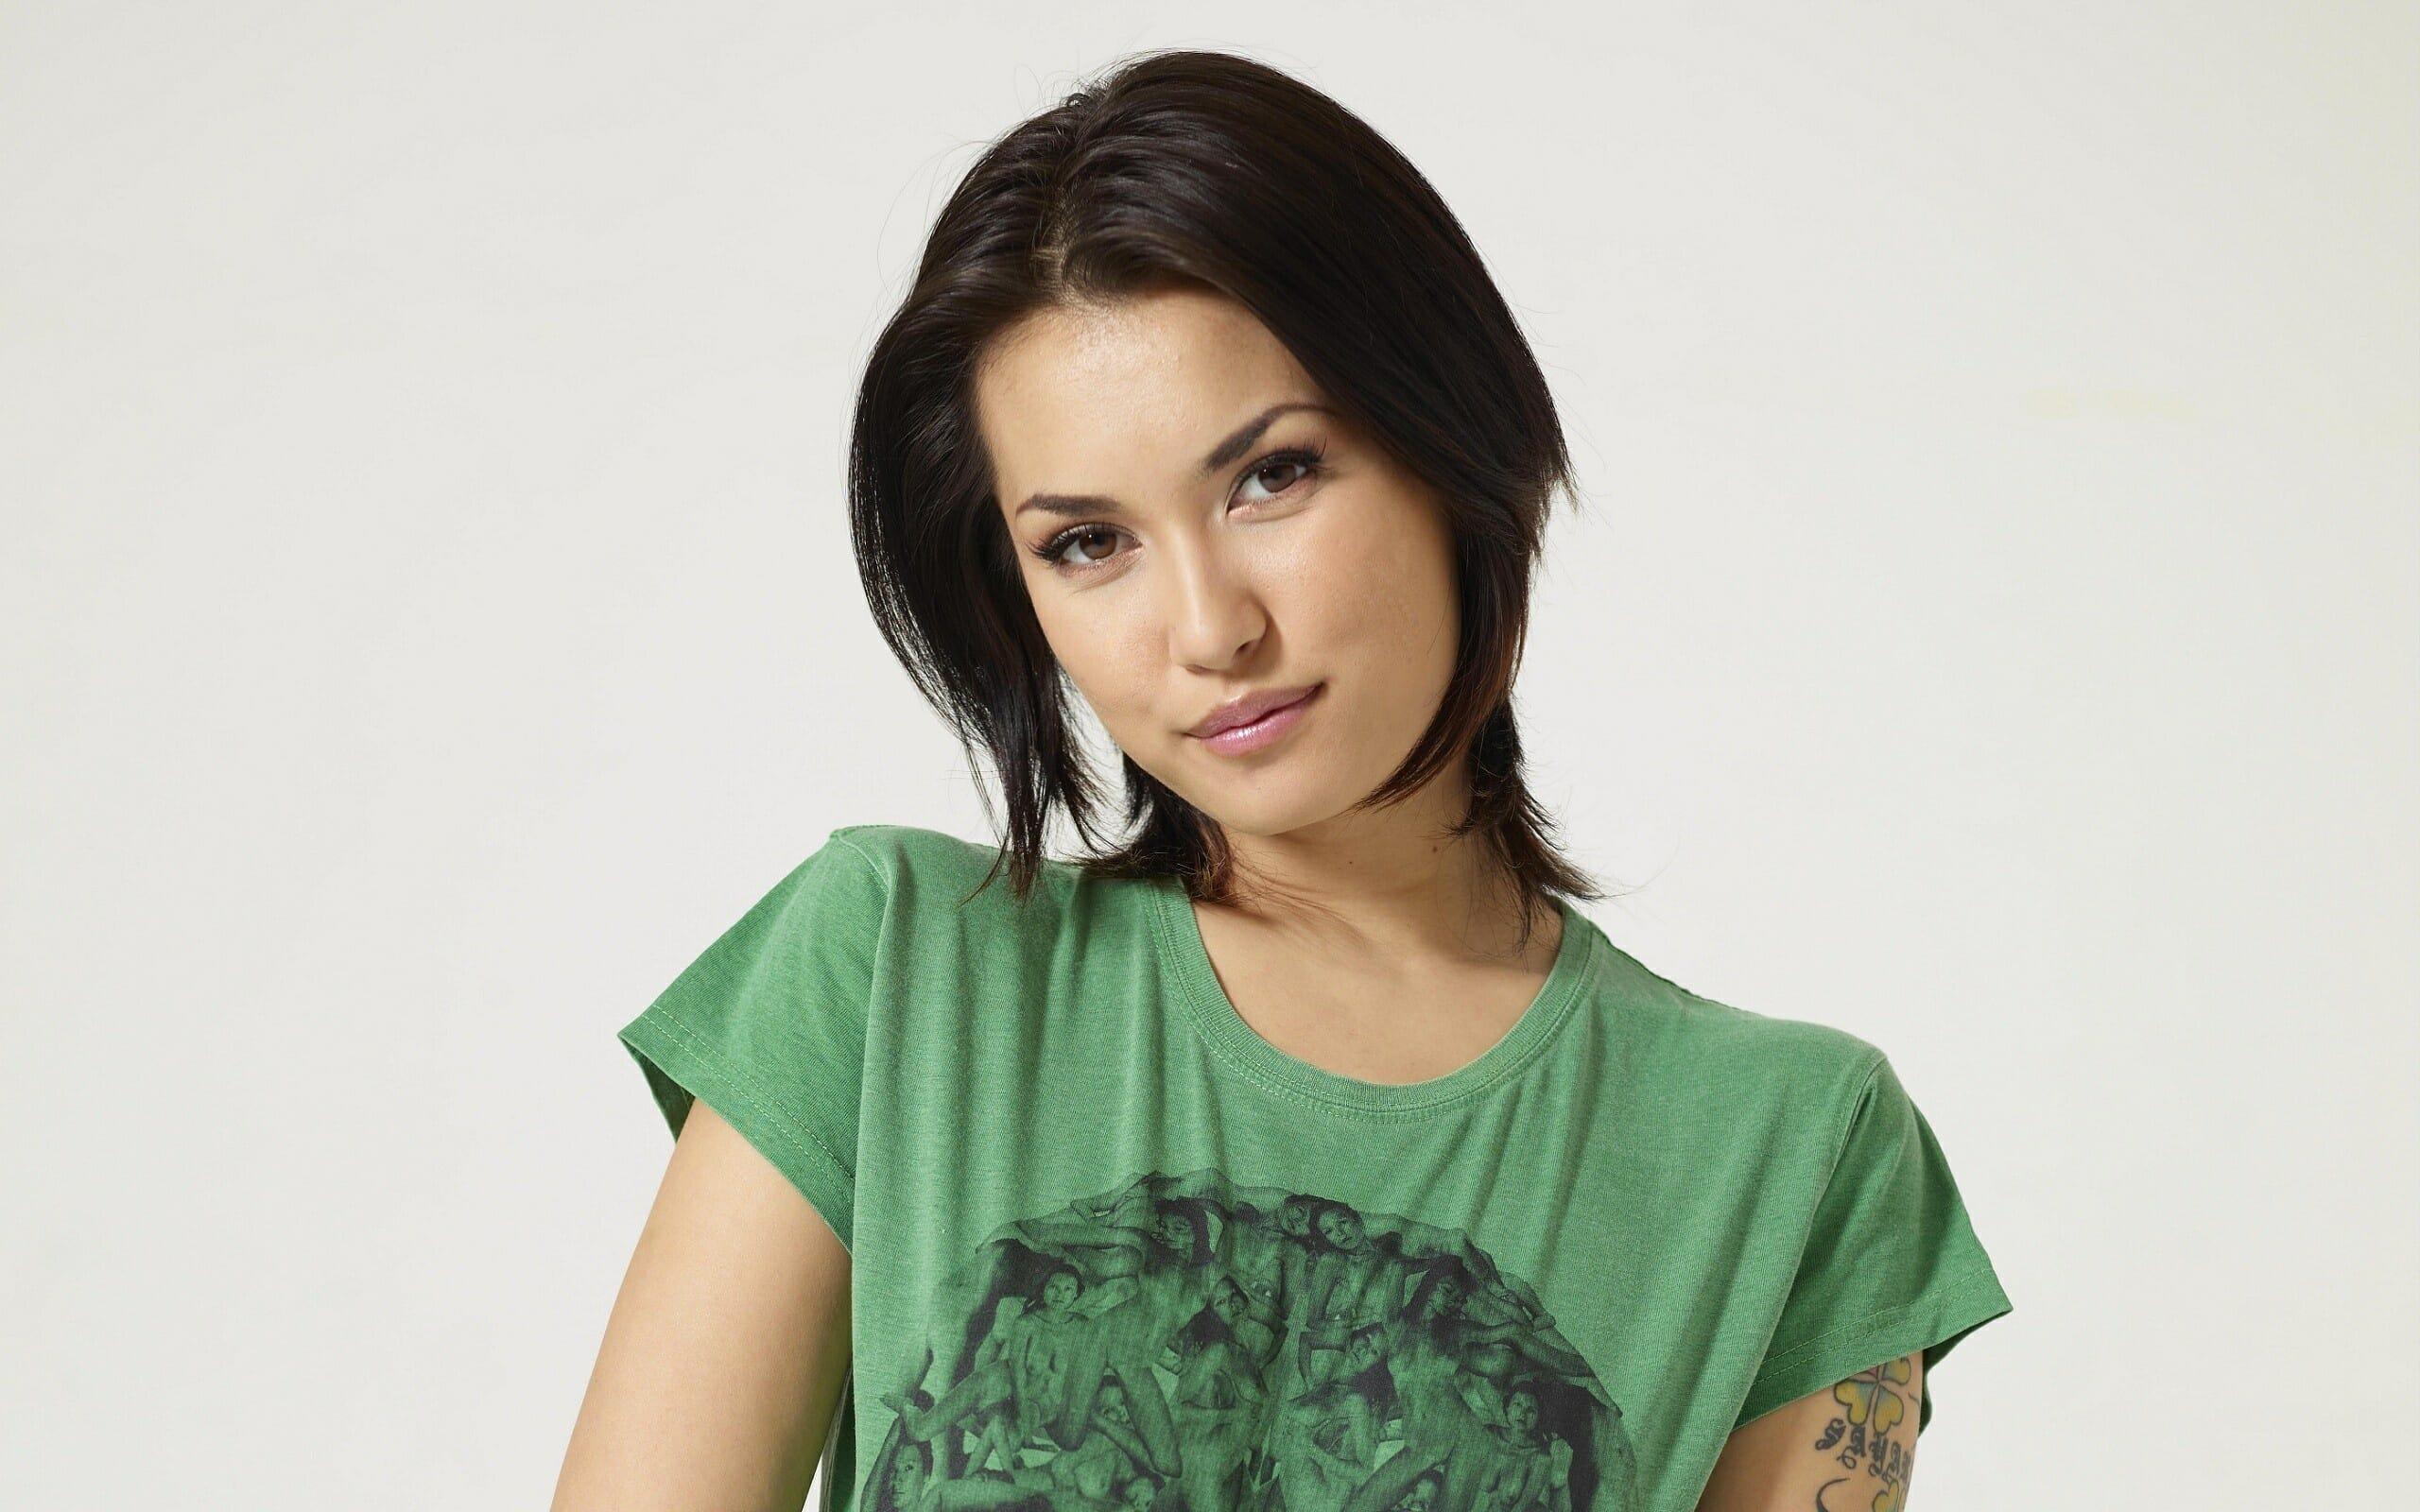 Top 20 Hottest Asian Women